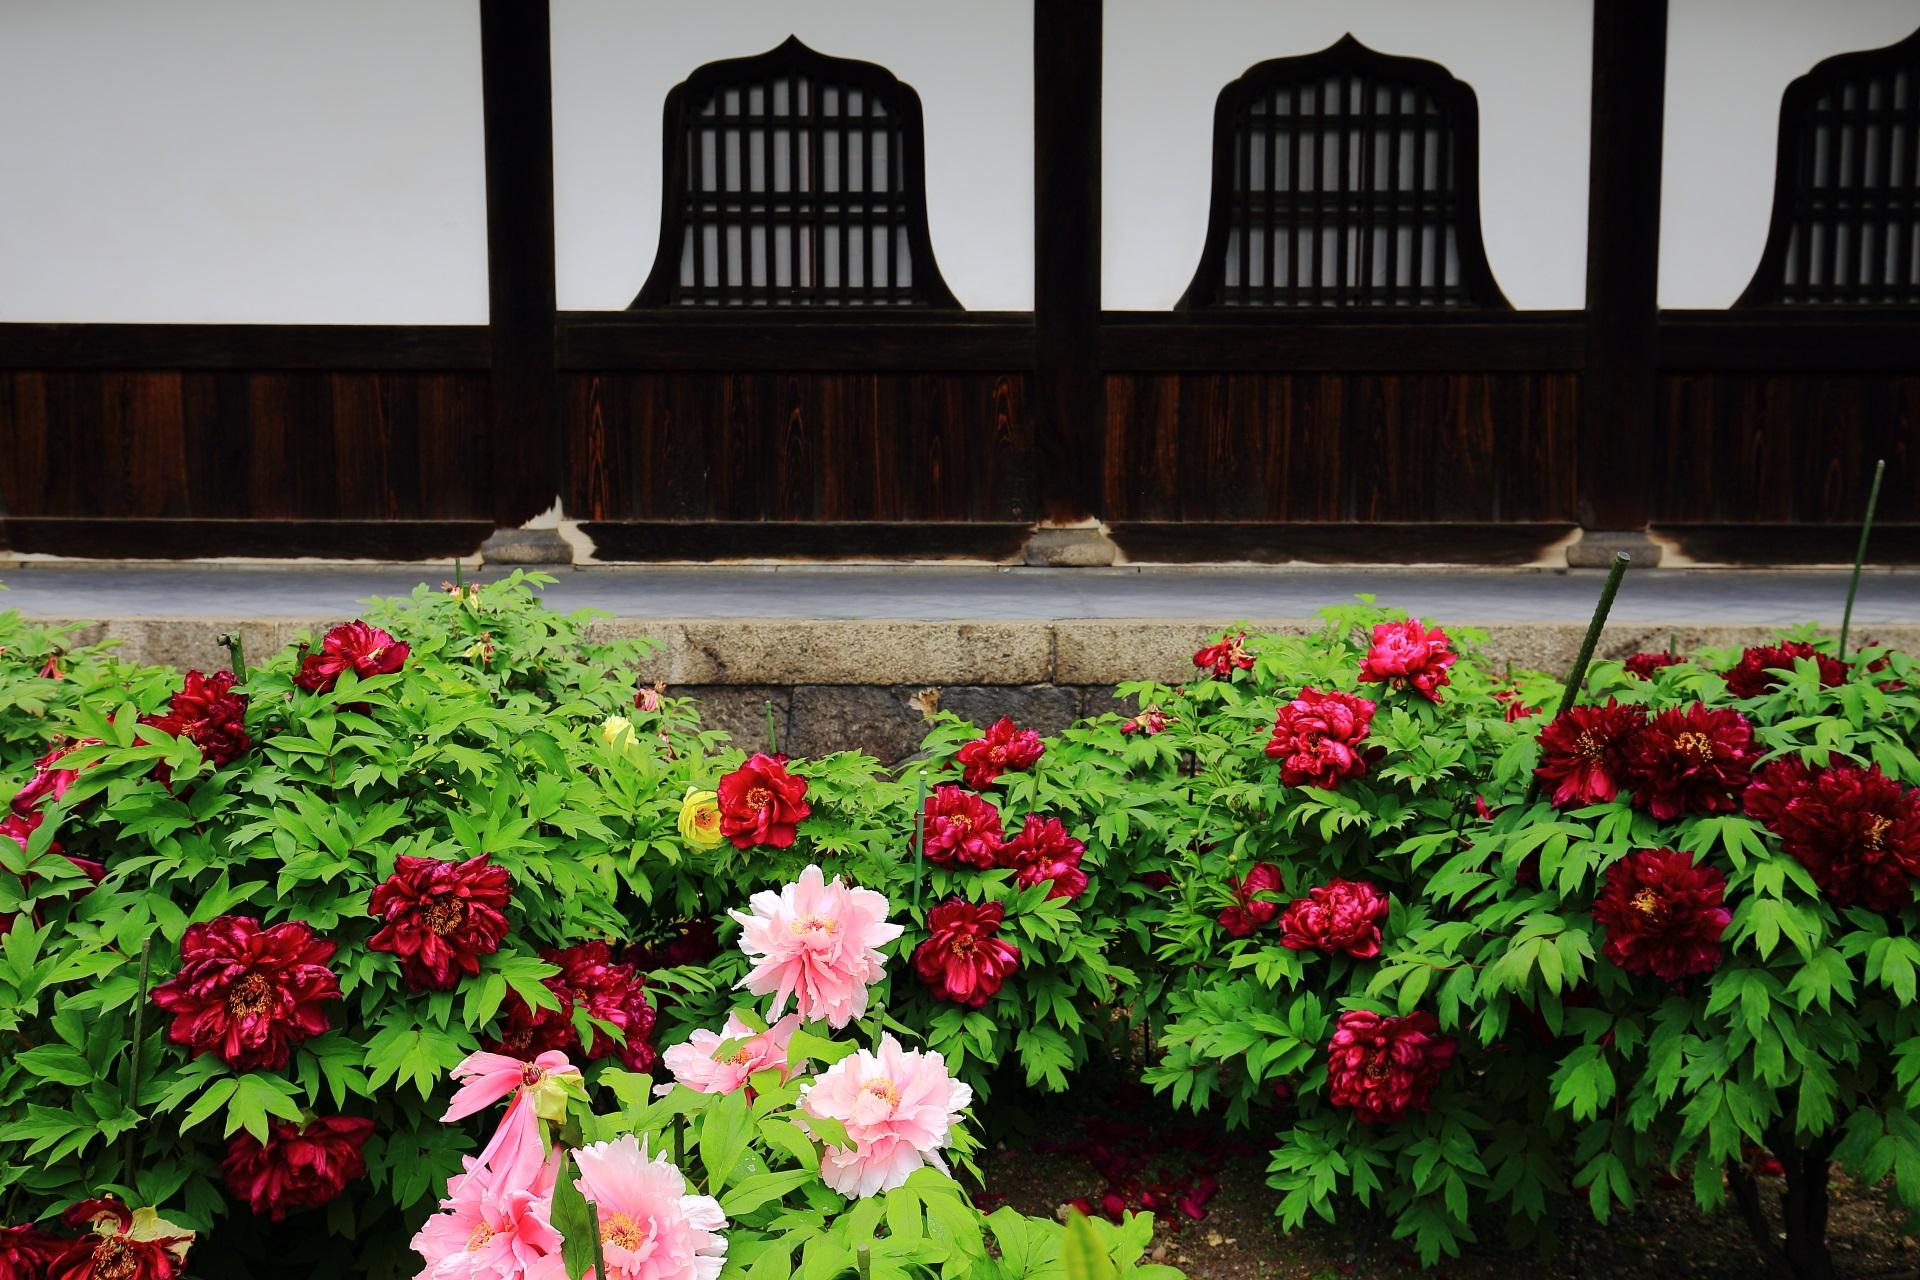 建仁寺 牡丹 法堂に咲く色とりどりのボタンの花